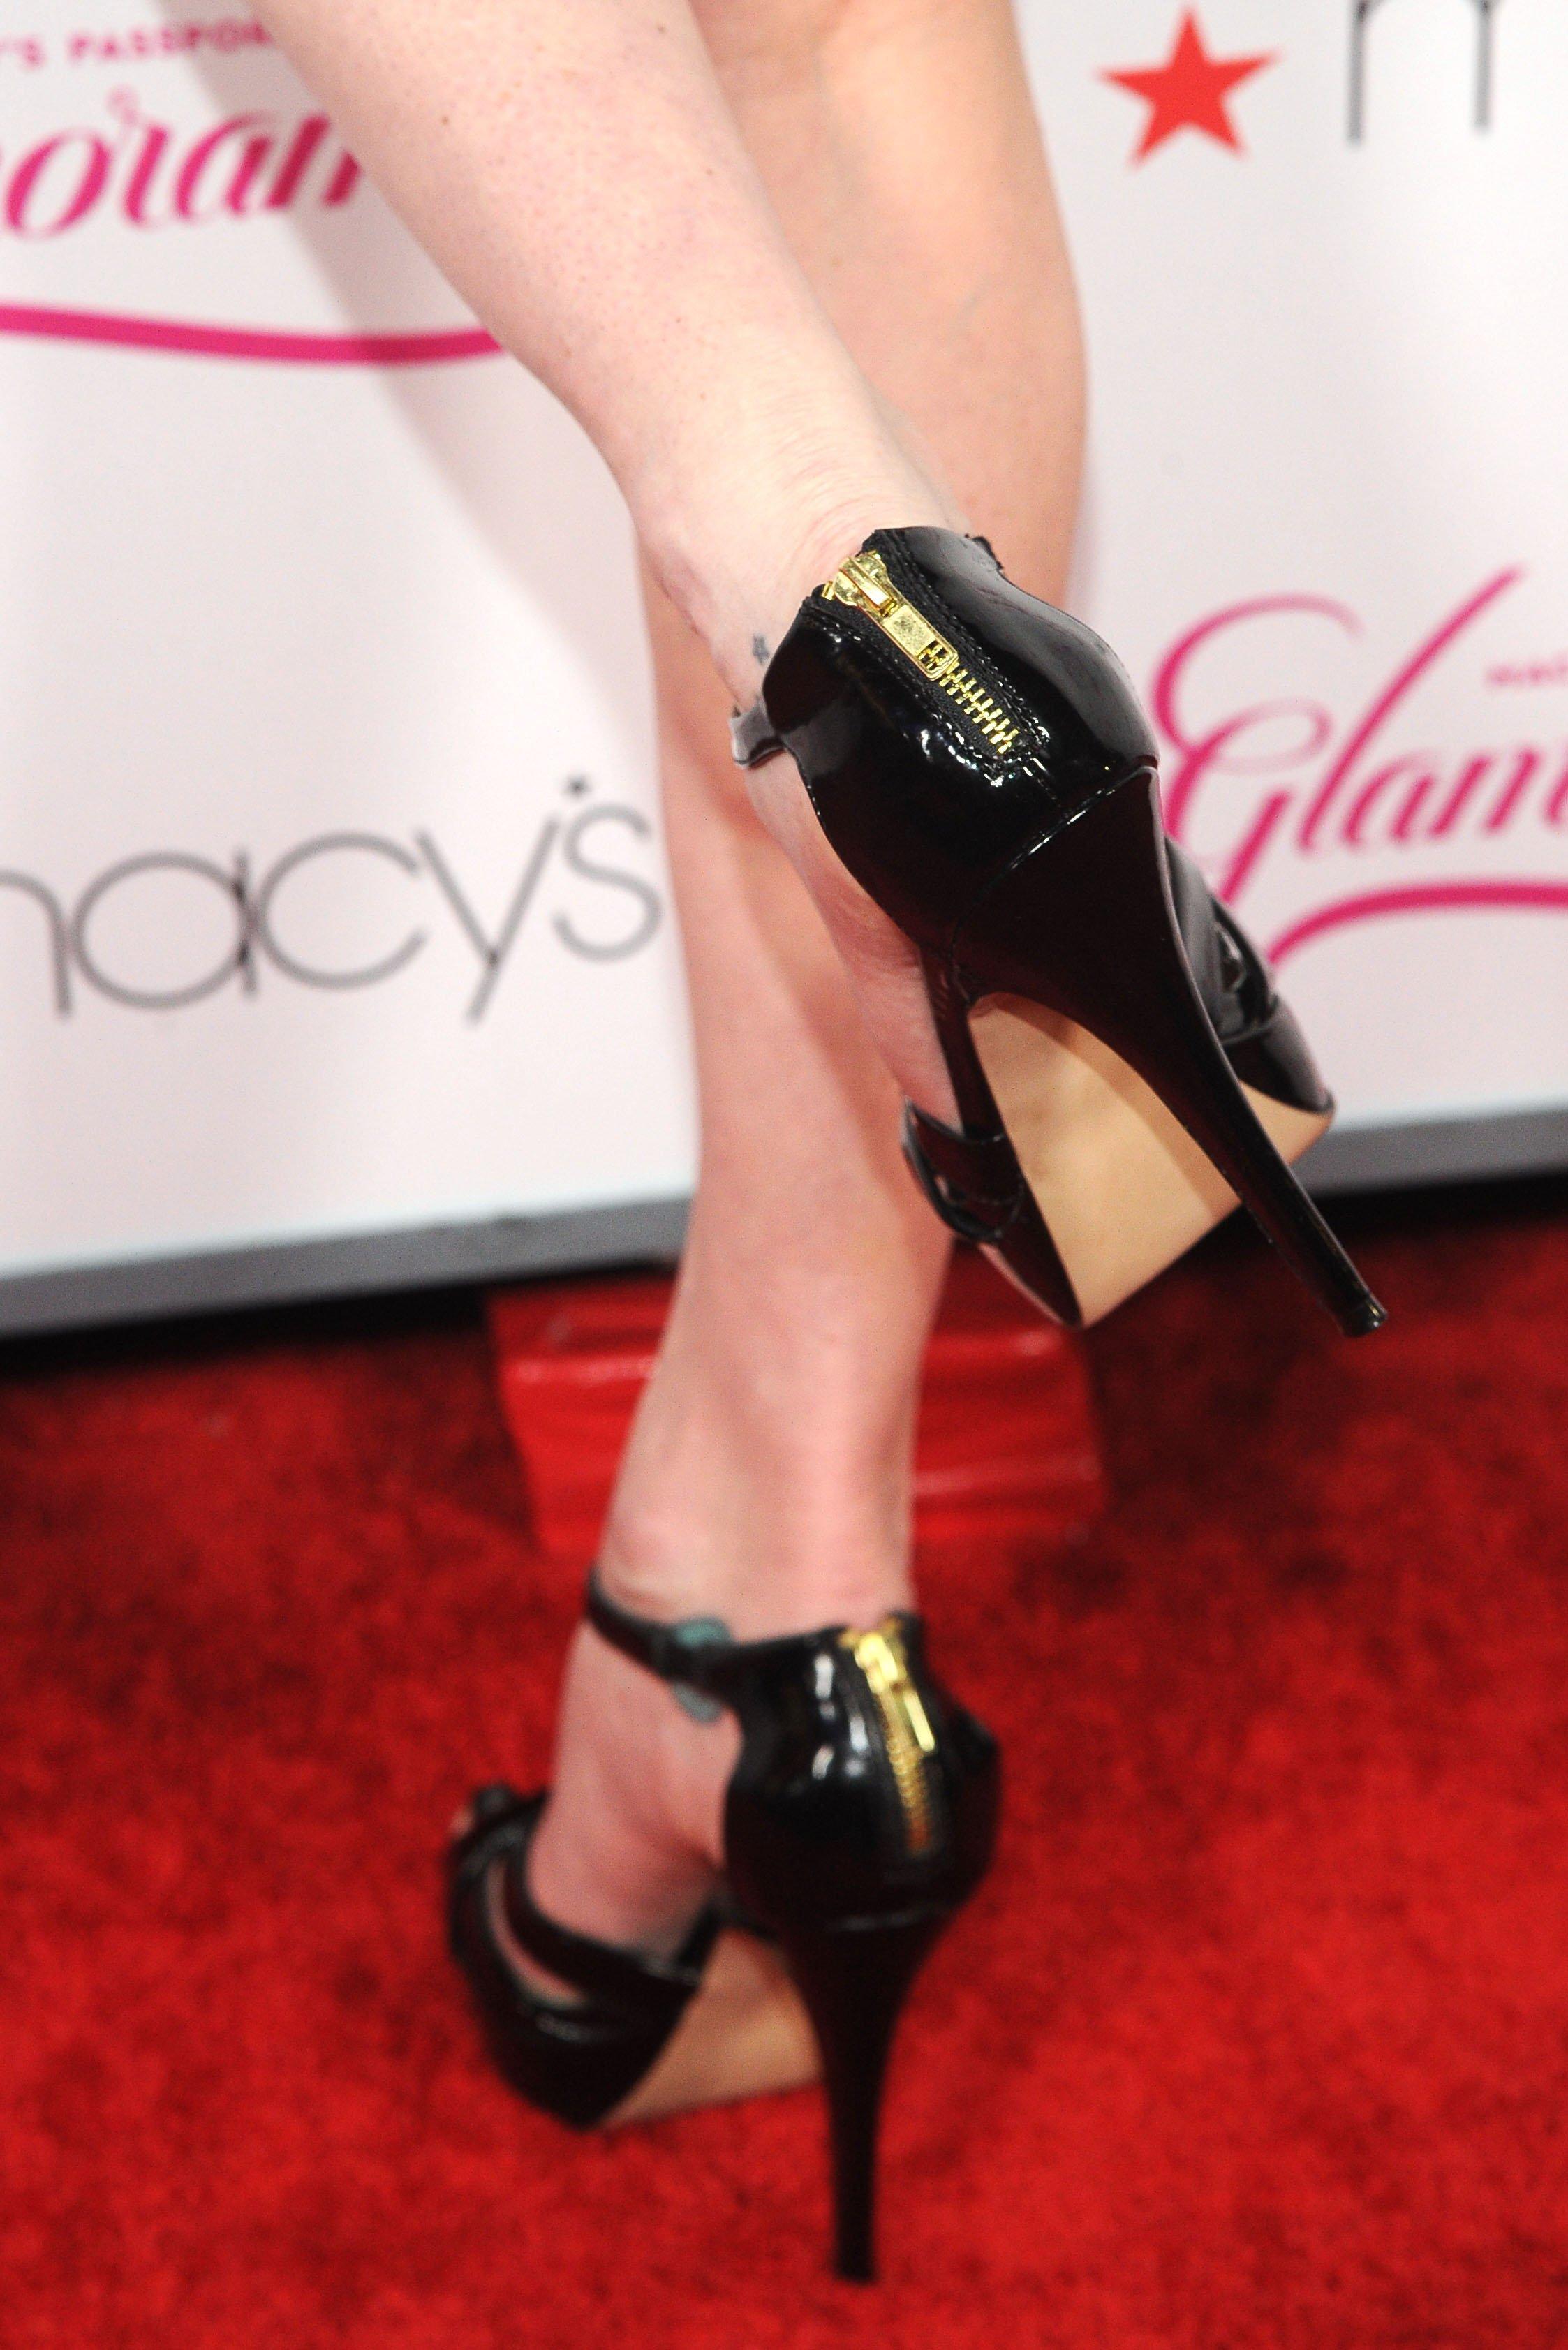 Pauley perrette feet